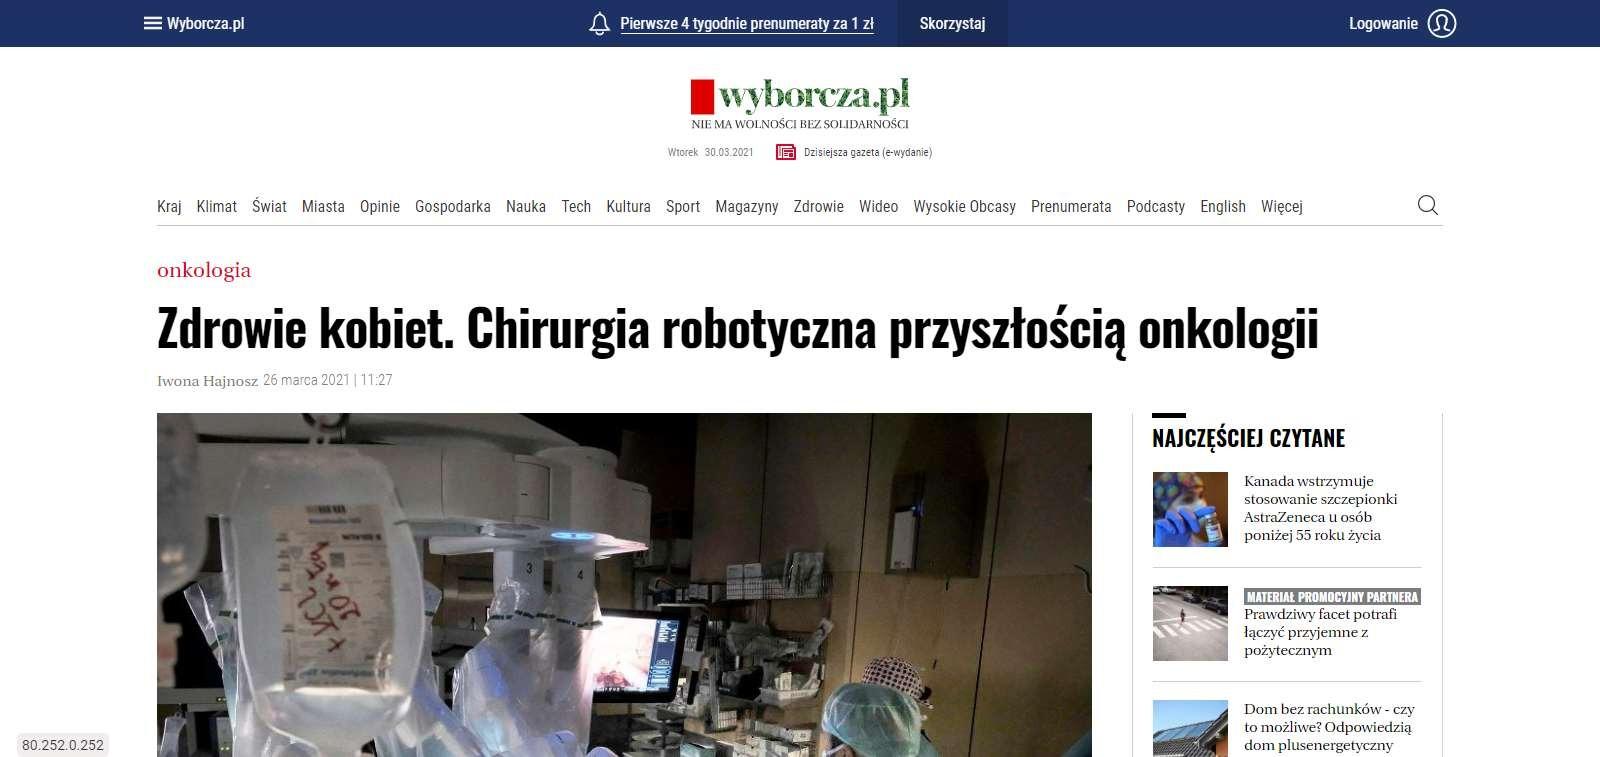 zdrowie kobiet chirurgia robotyczna przyszloscia onkologii